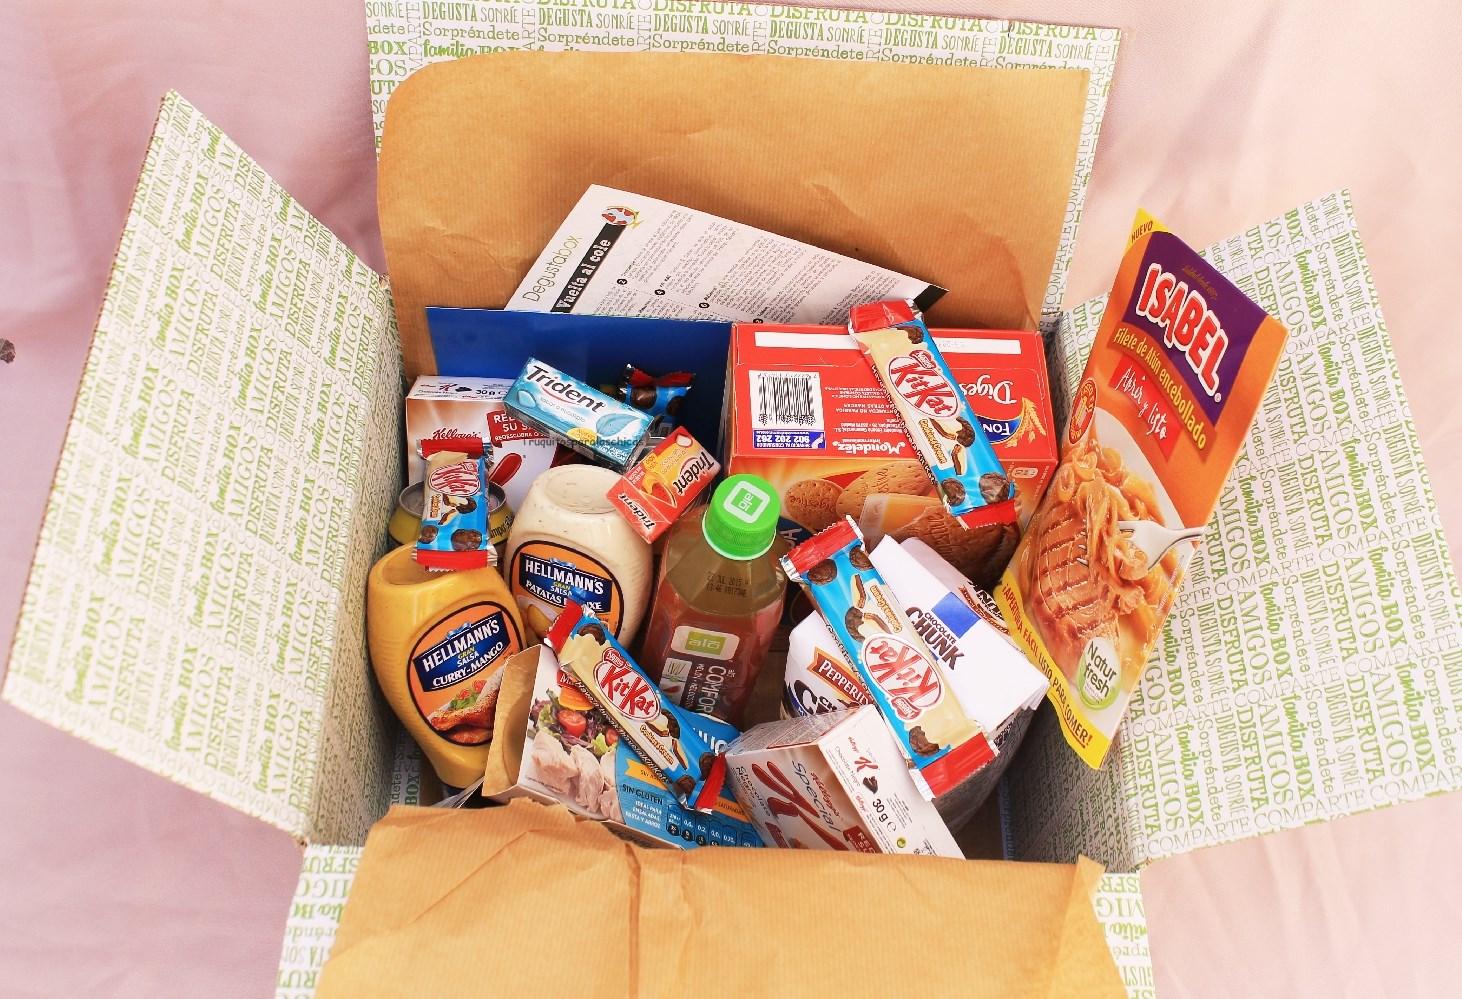 caja mensual deguxtabox